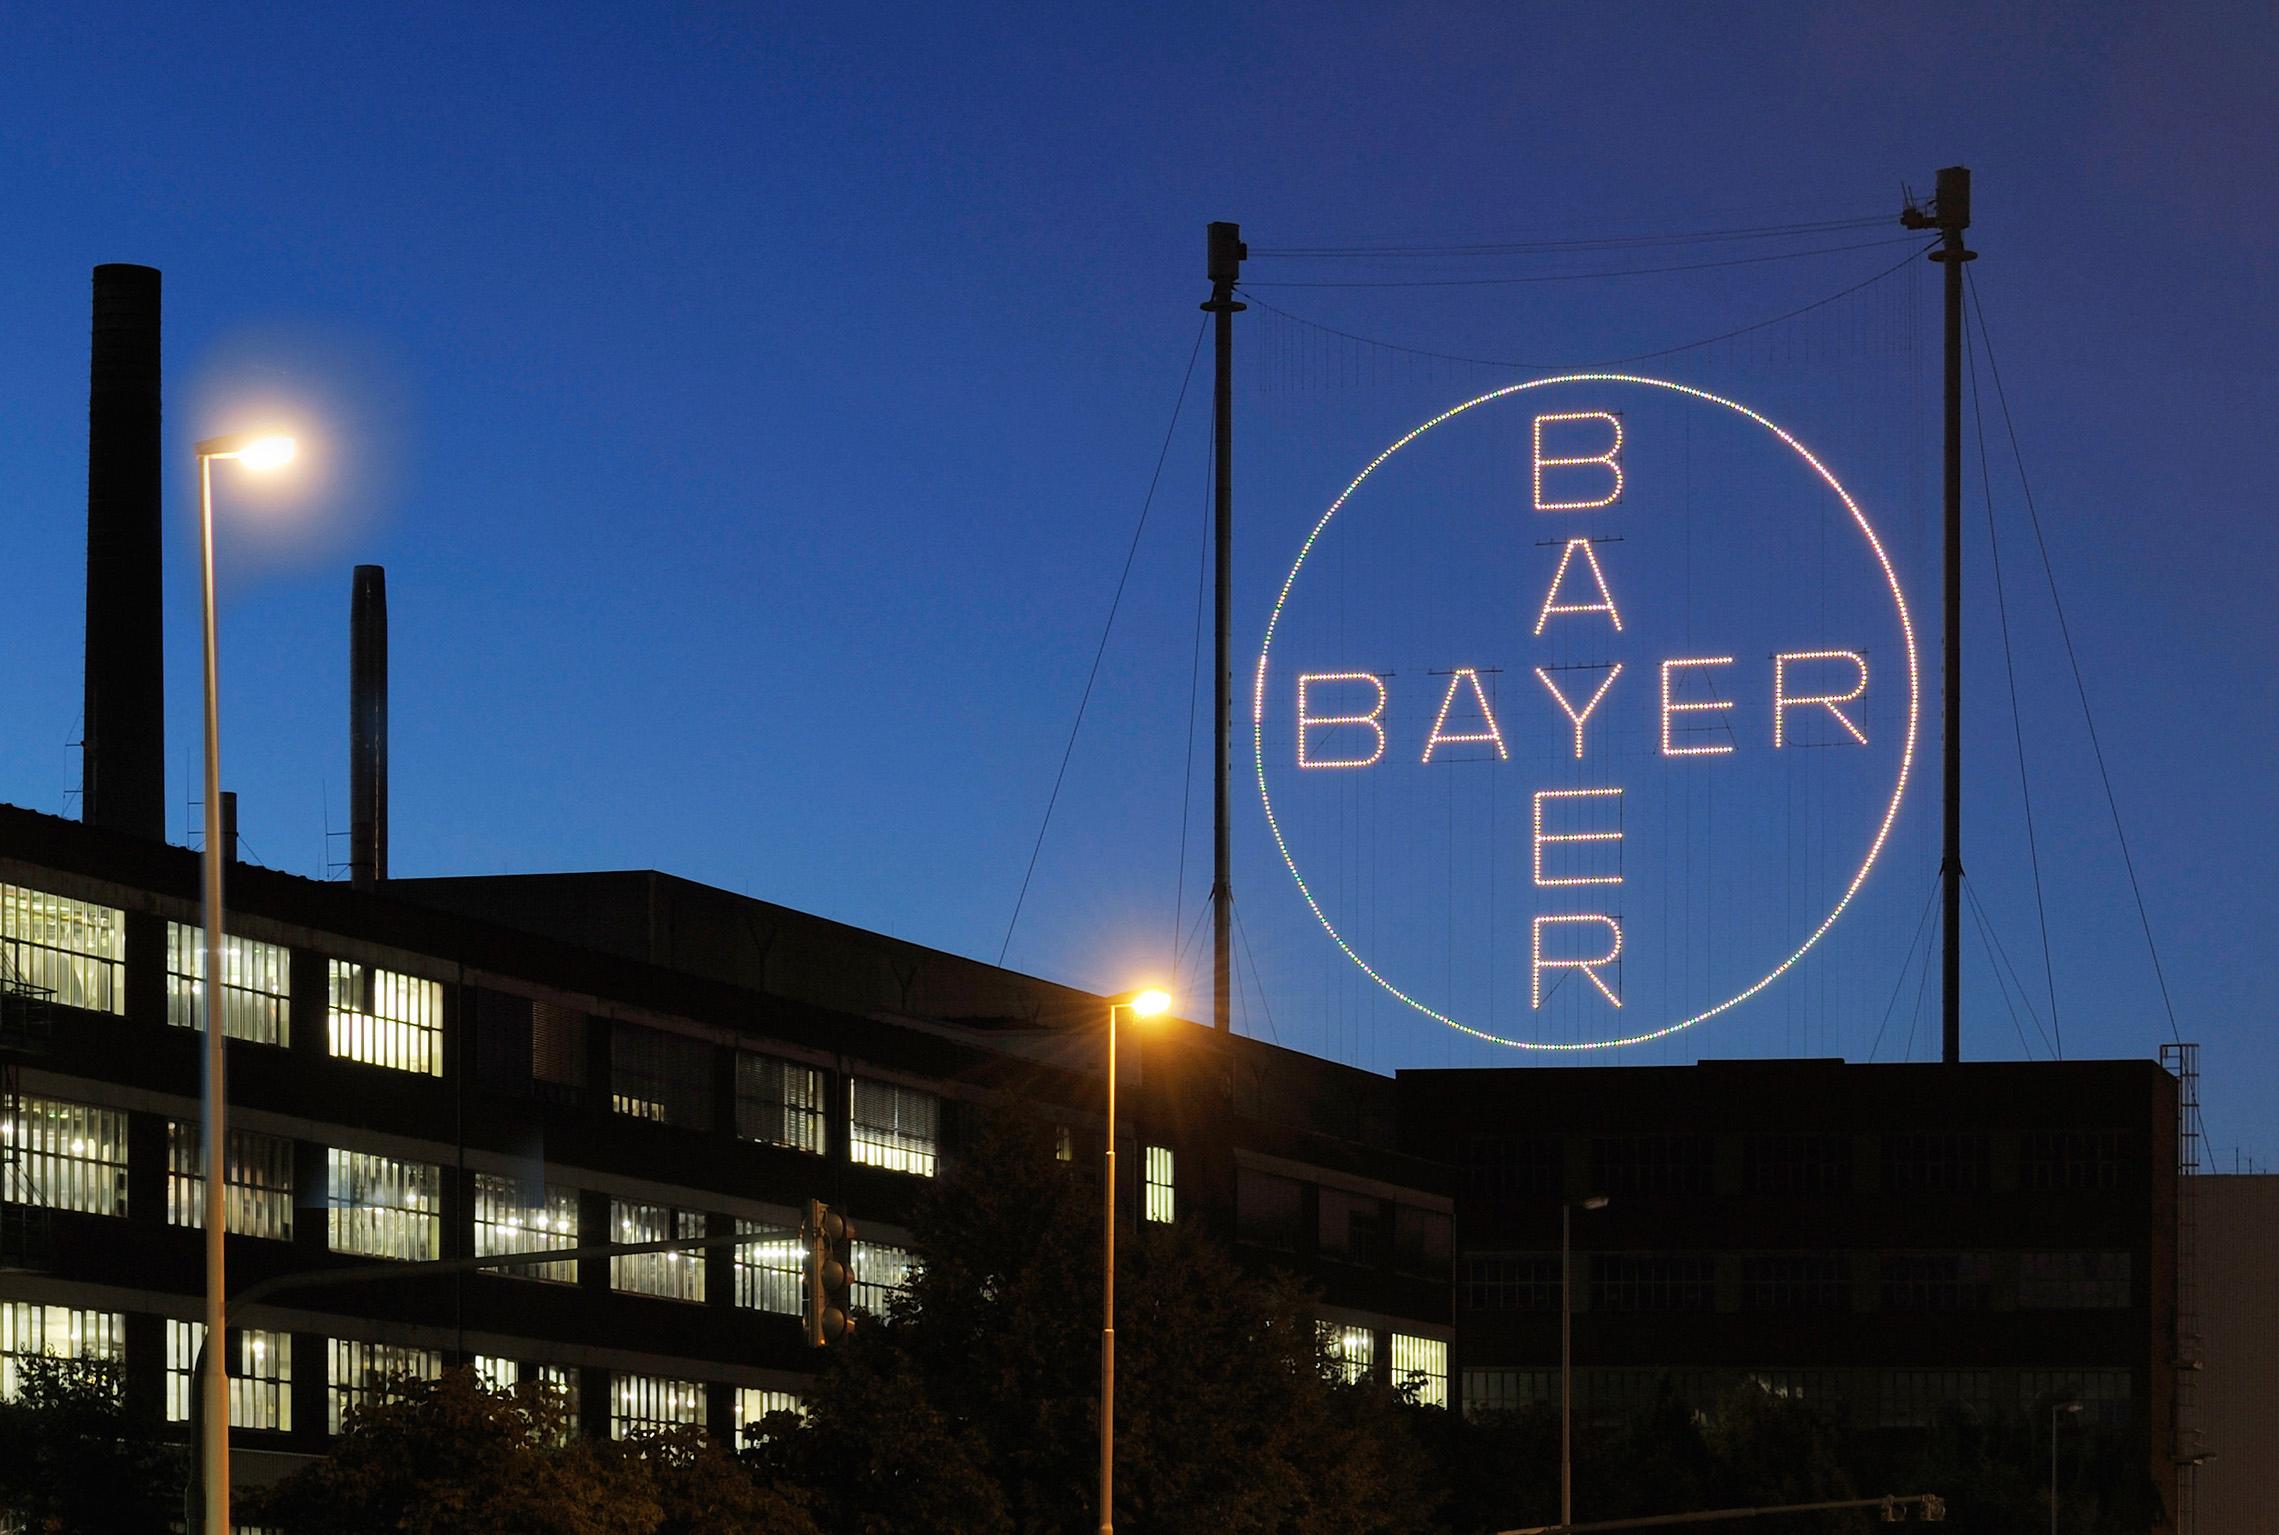 Aus hohem Gewinn wird riesiger Verlust: Im Q2 2019 machte Bayer 404 Millionen Euro Gewinn, nun mehr 9,5 Milliarden Euro Verlust